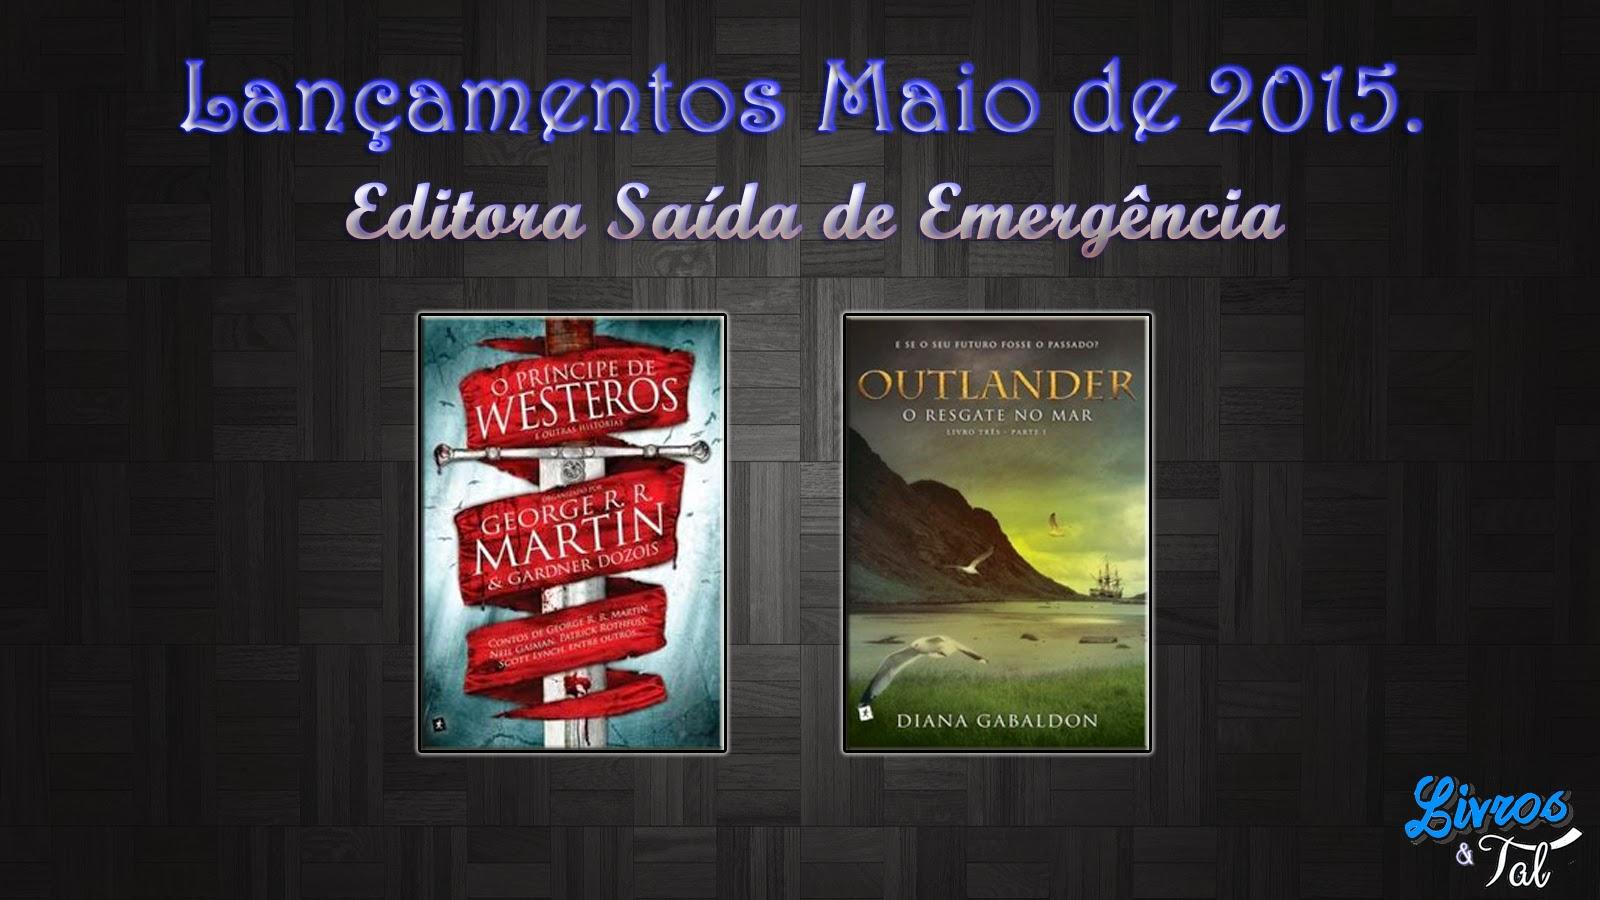 http://livrosetalgroup.blogspot.com.br/p/lancamentos-maio-de-2015-editora-saida.html